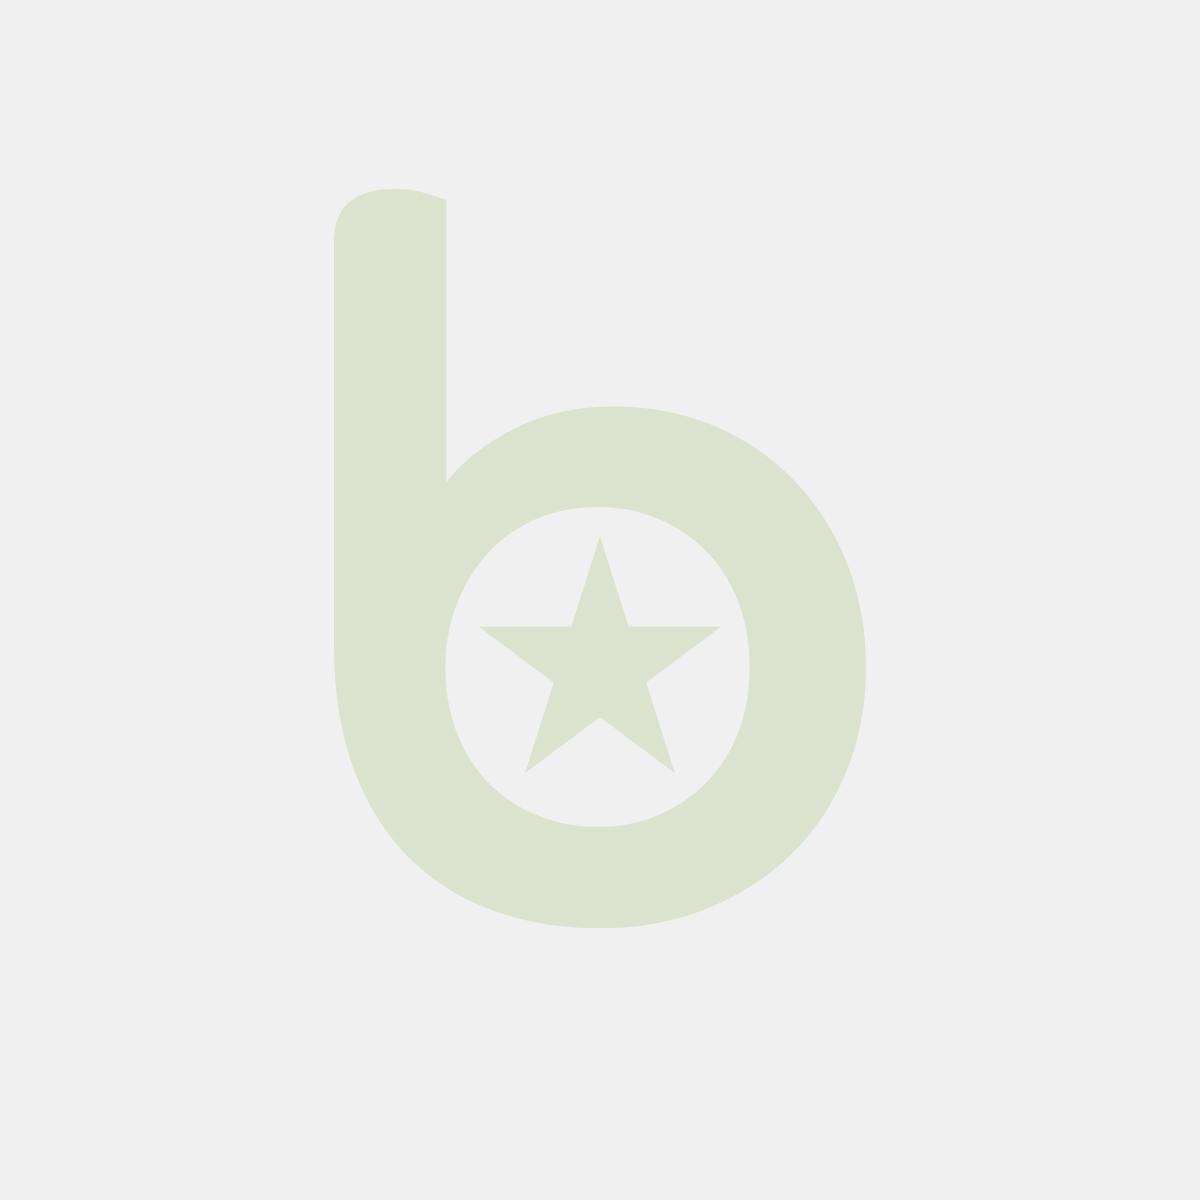 Otwieracz barmański PULLTAP - kod 597316